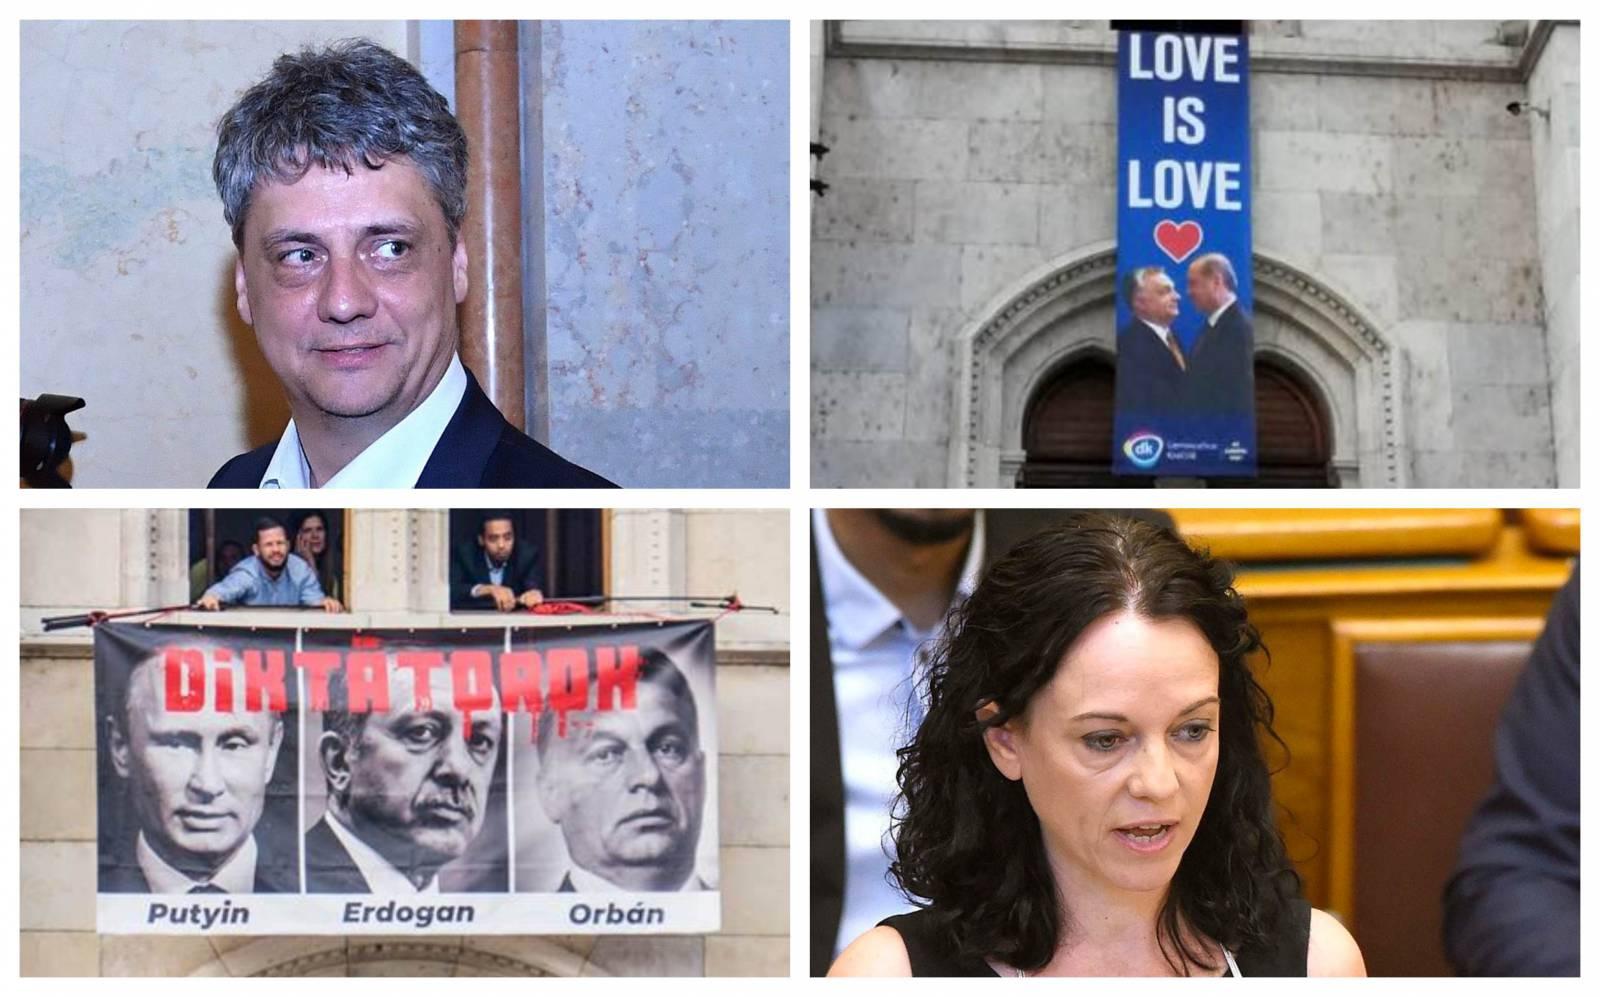 Fotók: MTI, Facebook, szerk.: demokrata.hu